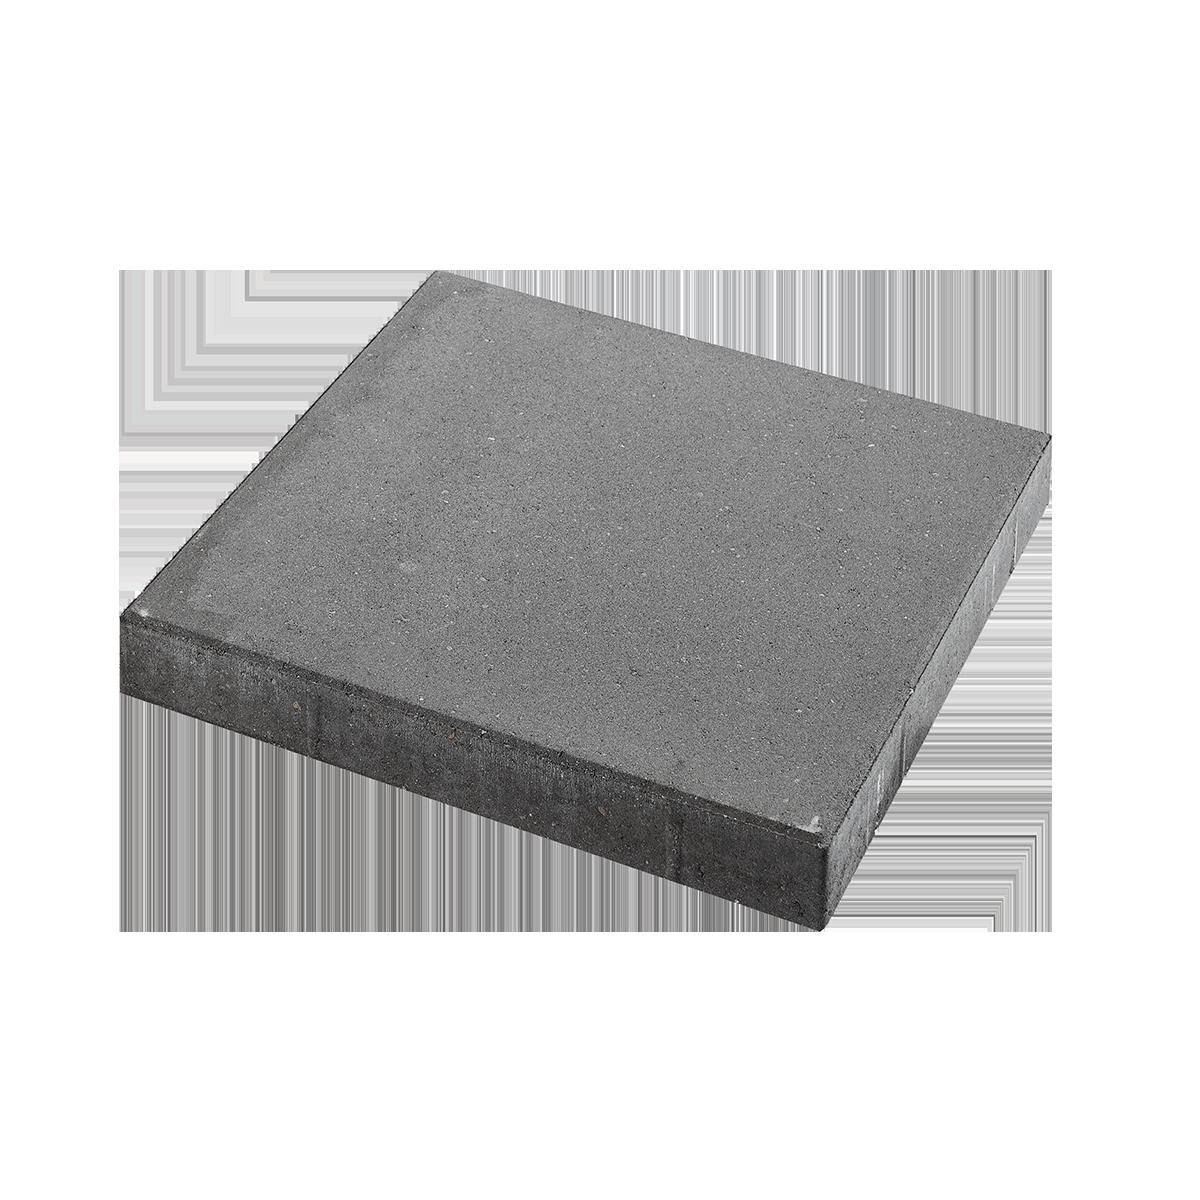 Fliser 50x50x5 cm Grå